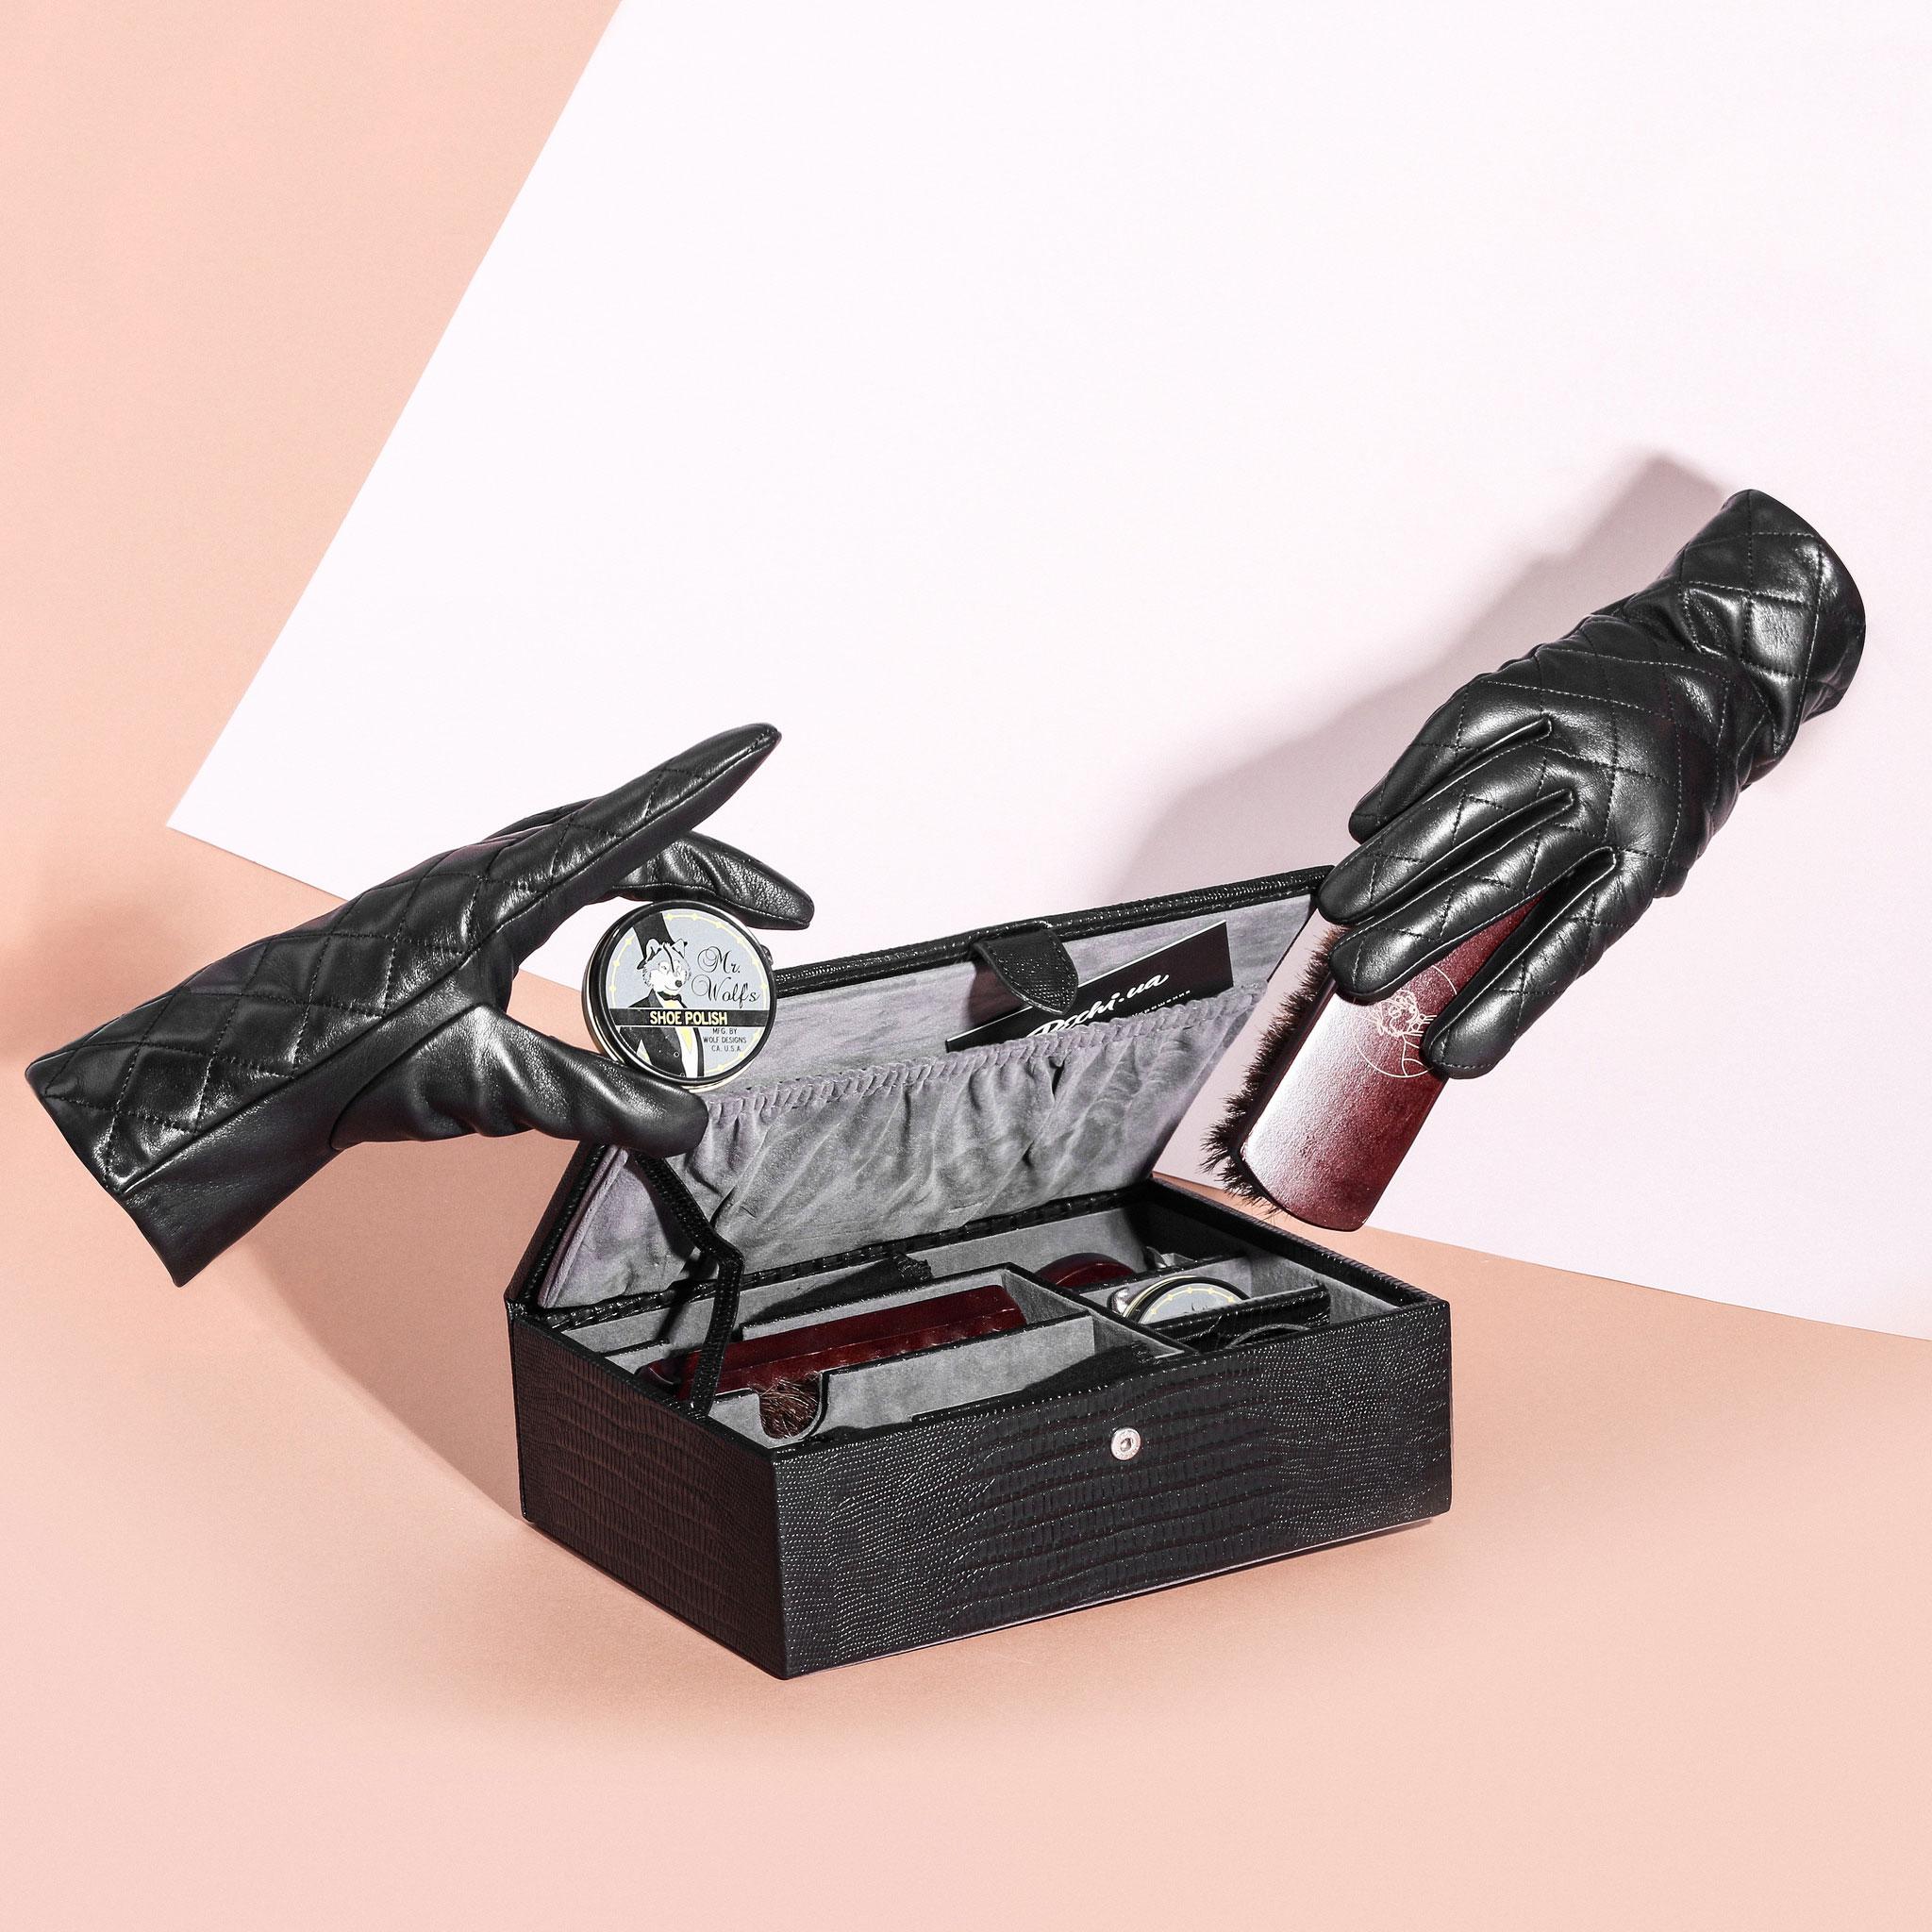 Набор Wolf 1834 для ухода за обувью в кейсе из кожи с тиснением под кожу рептилии